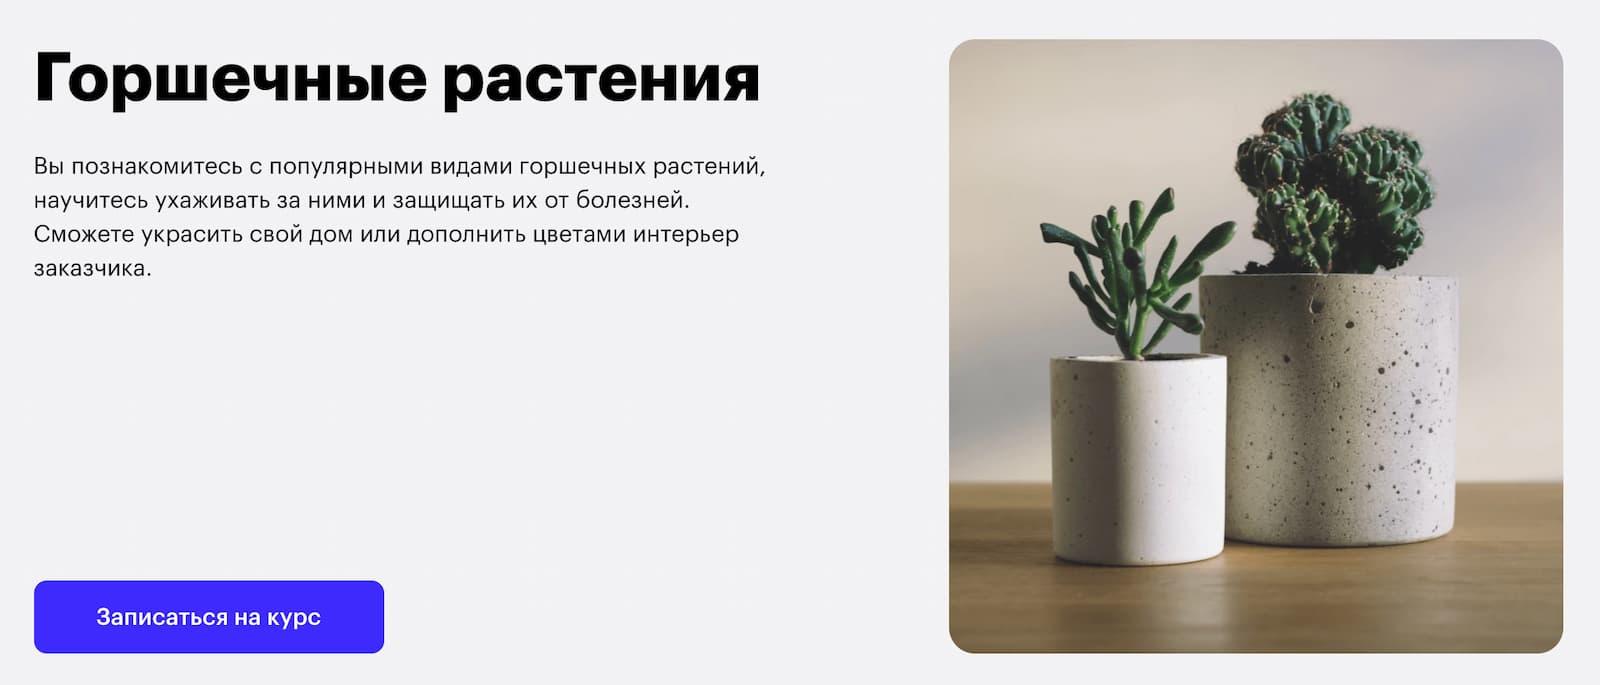 Записаться на курс «Горшочные растения» от Skillbox